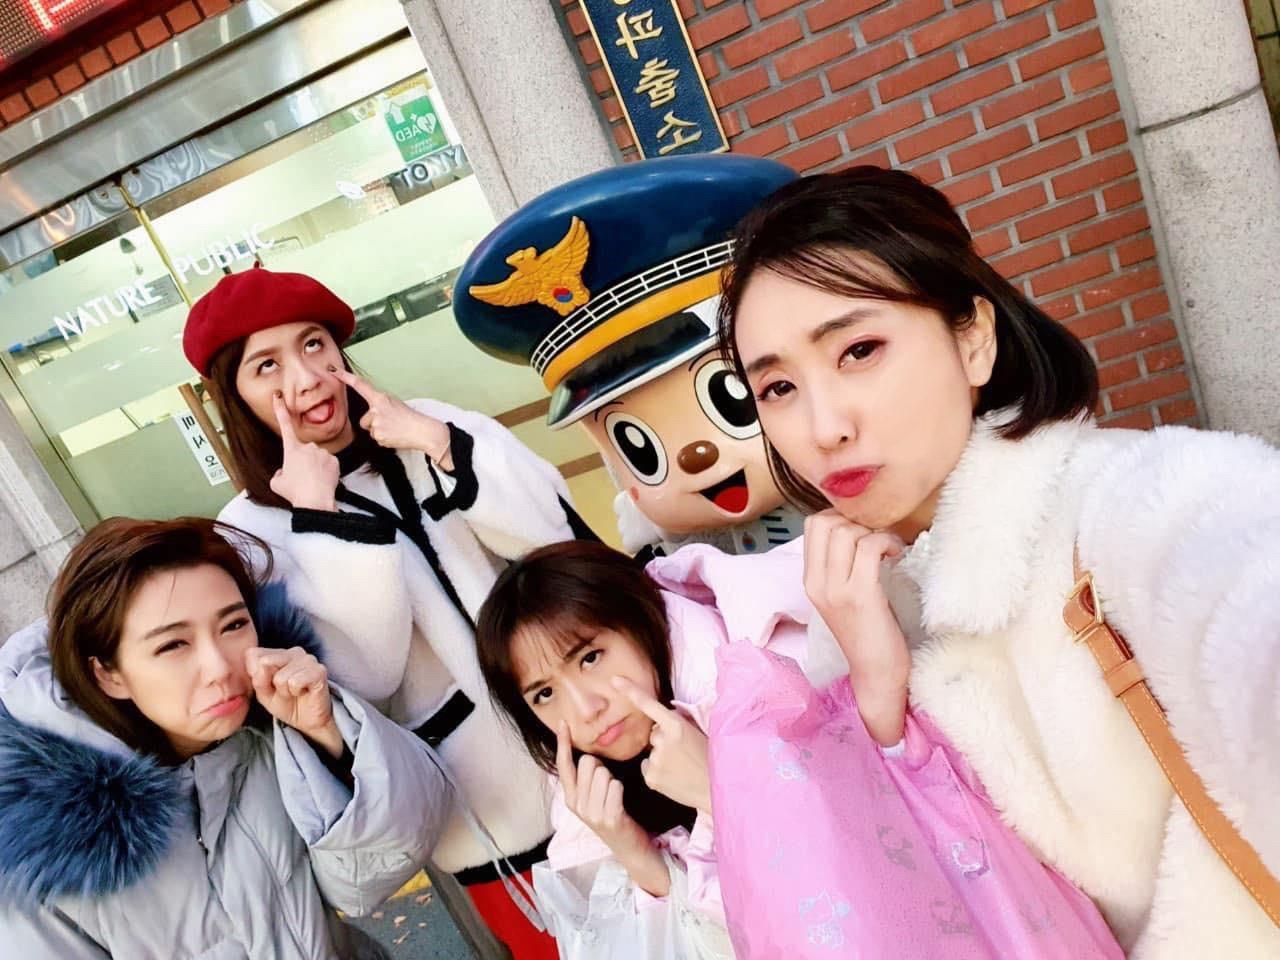 ▲蔡逸帆的皮夾被竊,四人嚇得衝到韓國派出所報案。